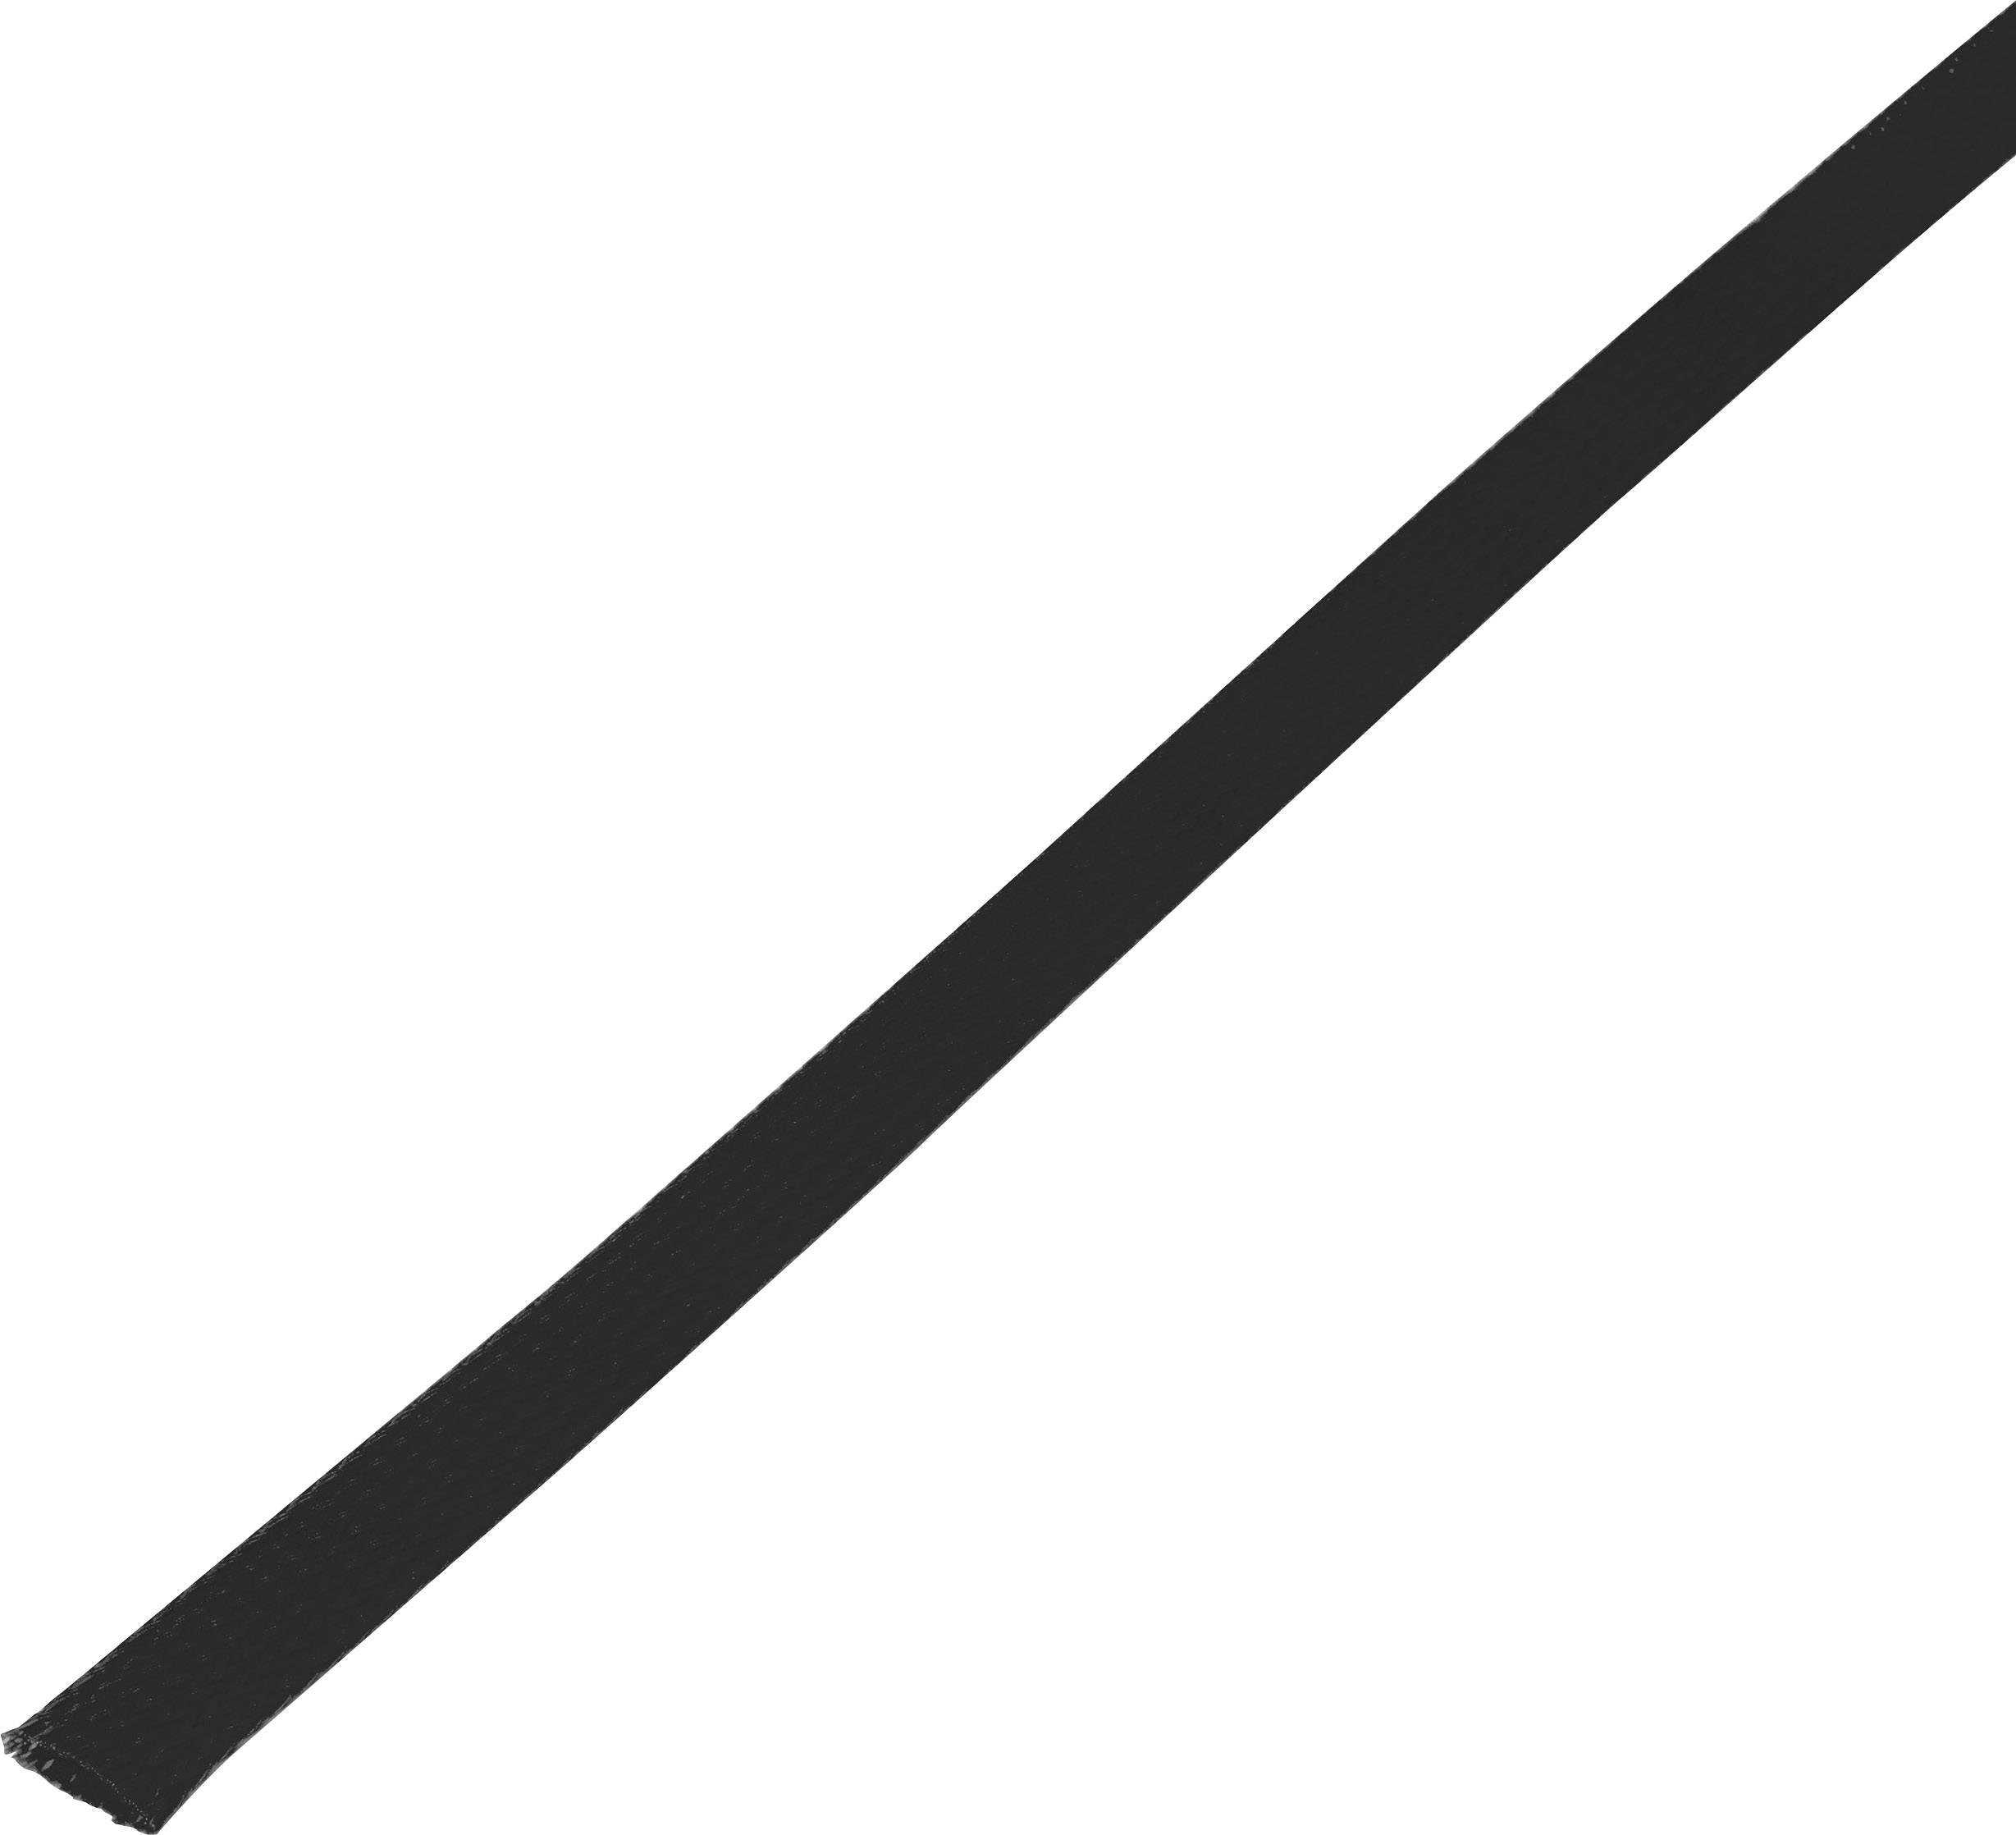 Ochranné opletenie CBBOX1015-BK Ø zväzku: 10 - 15 mm čierna 10 m